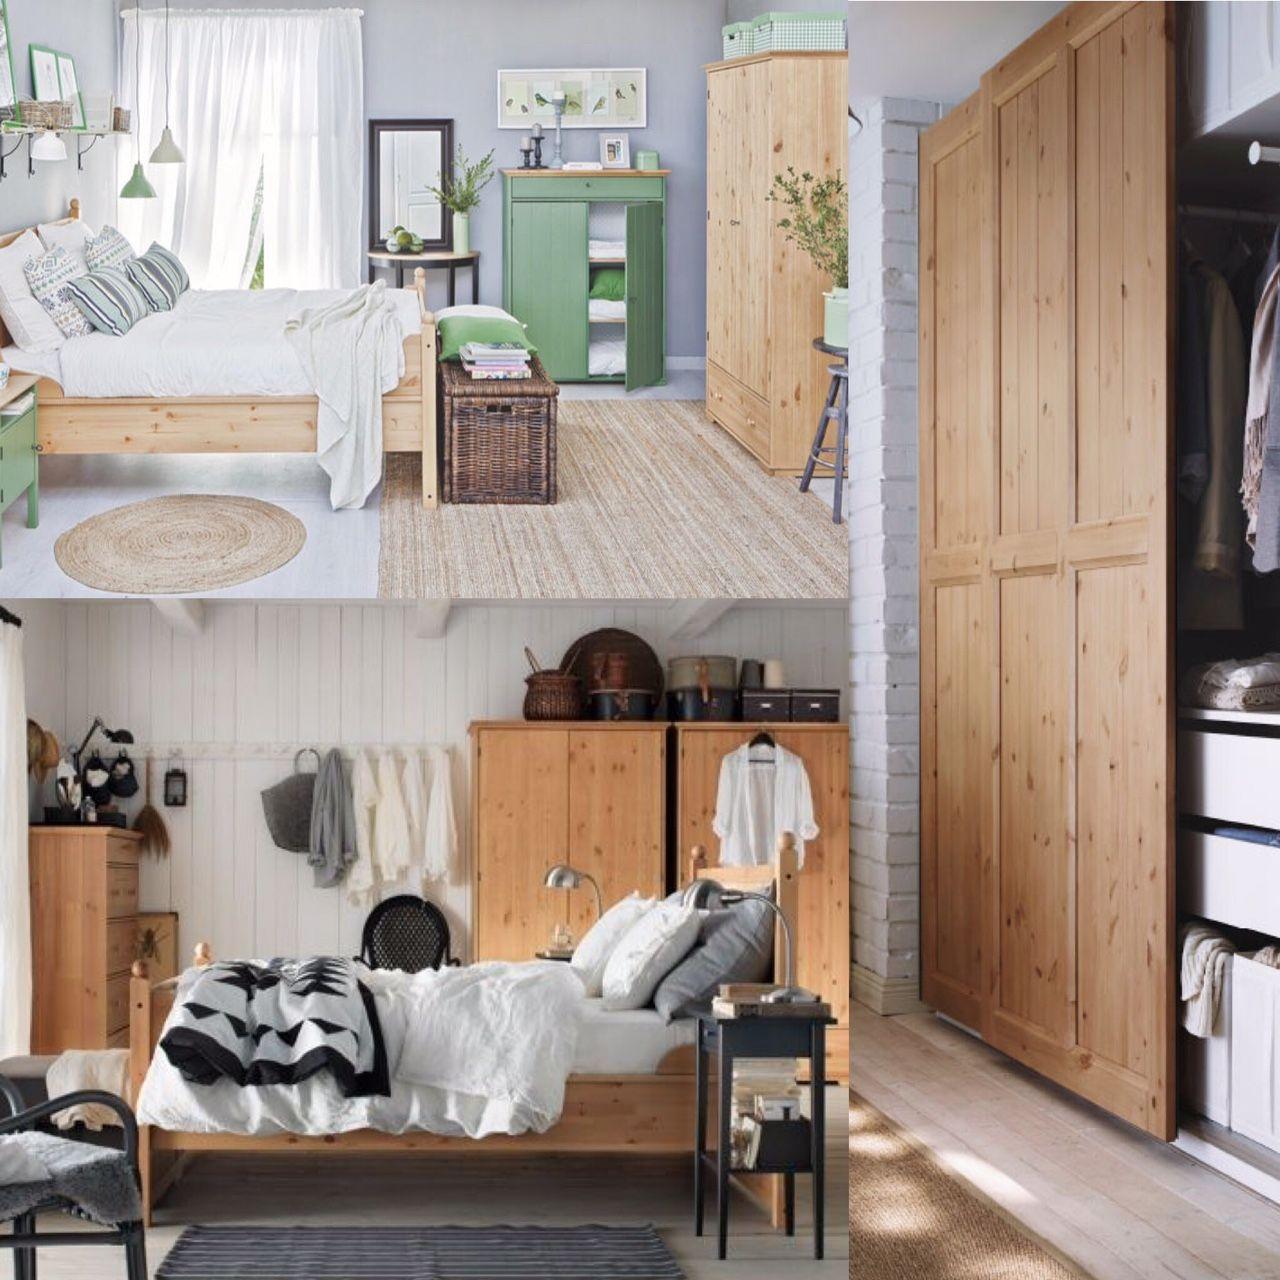 ikea hurdal furniture furniture accessories pinterest einrichten und wohnen und wohnen. Black Bedroom Furniture Sets. Home Design Ideas